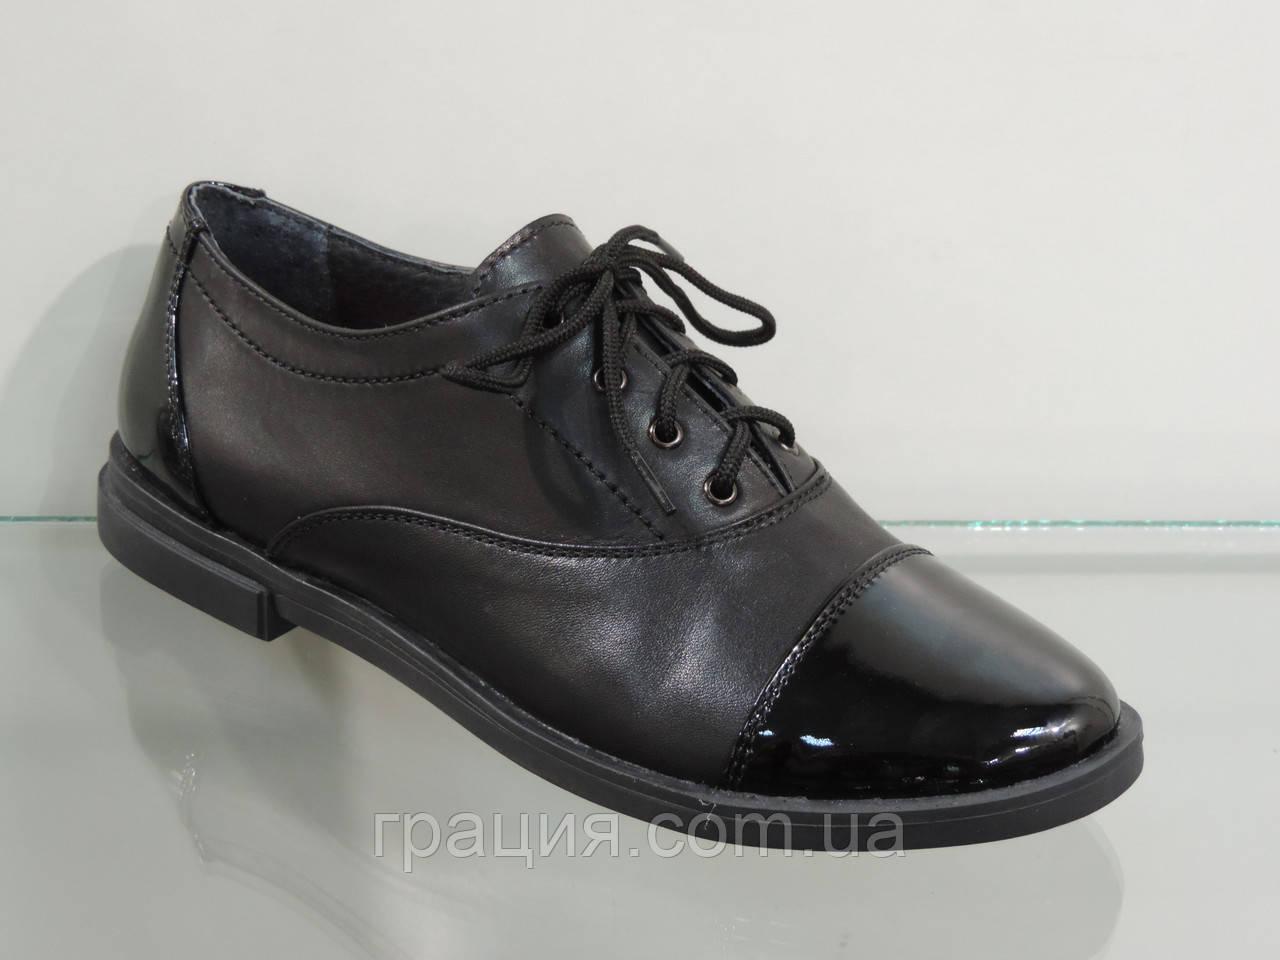 Стильные женские туфли на шнуровке лак/кожа натуральная